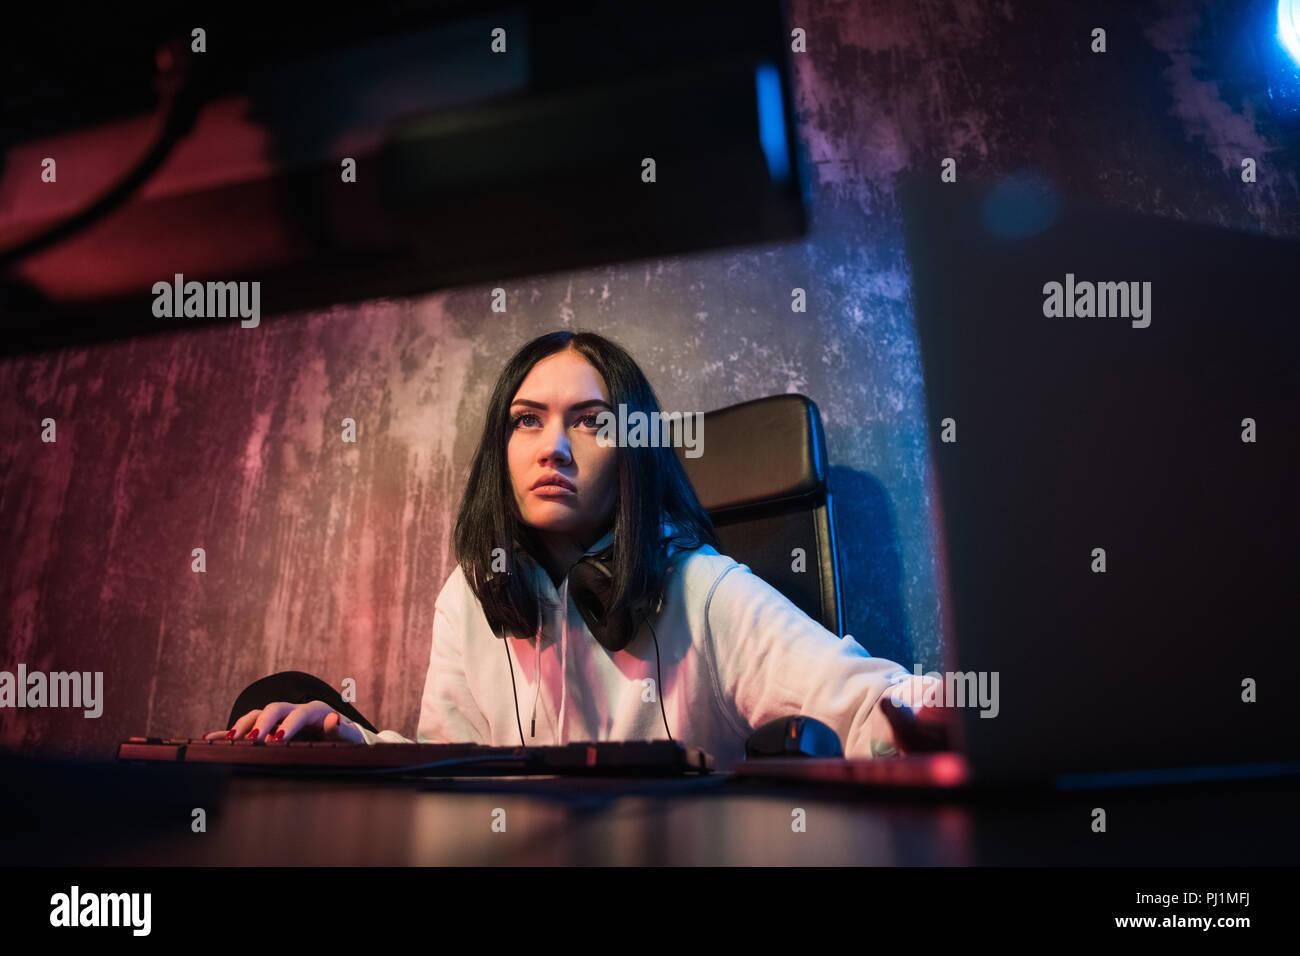 Junge schwere Mädchen zu Hause an Ihrem PC, Nervenzusammenbruch, finanzielle Fragen Angst, einzelne Frau Depression. Stockbild